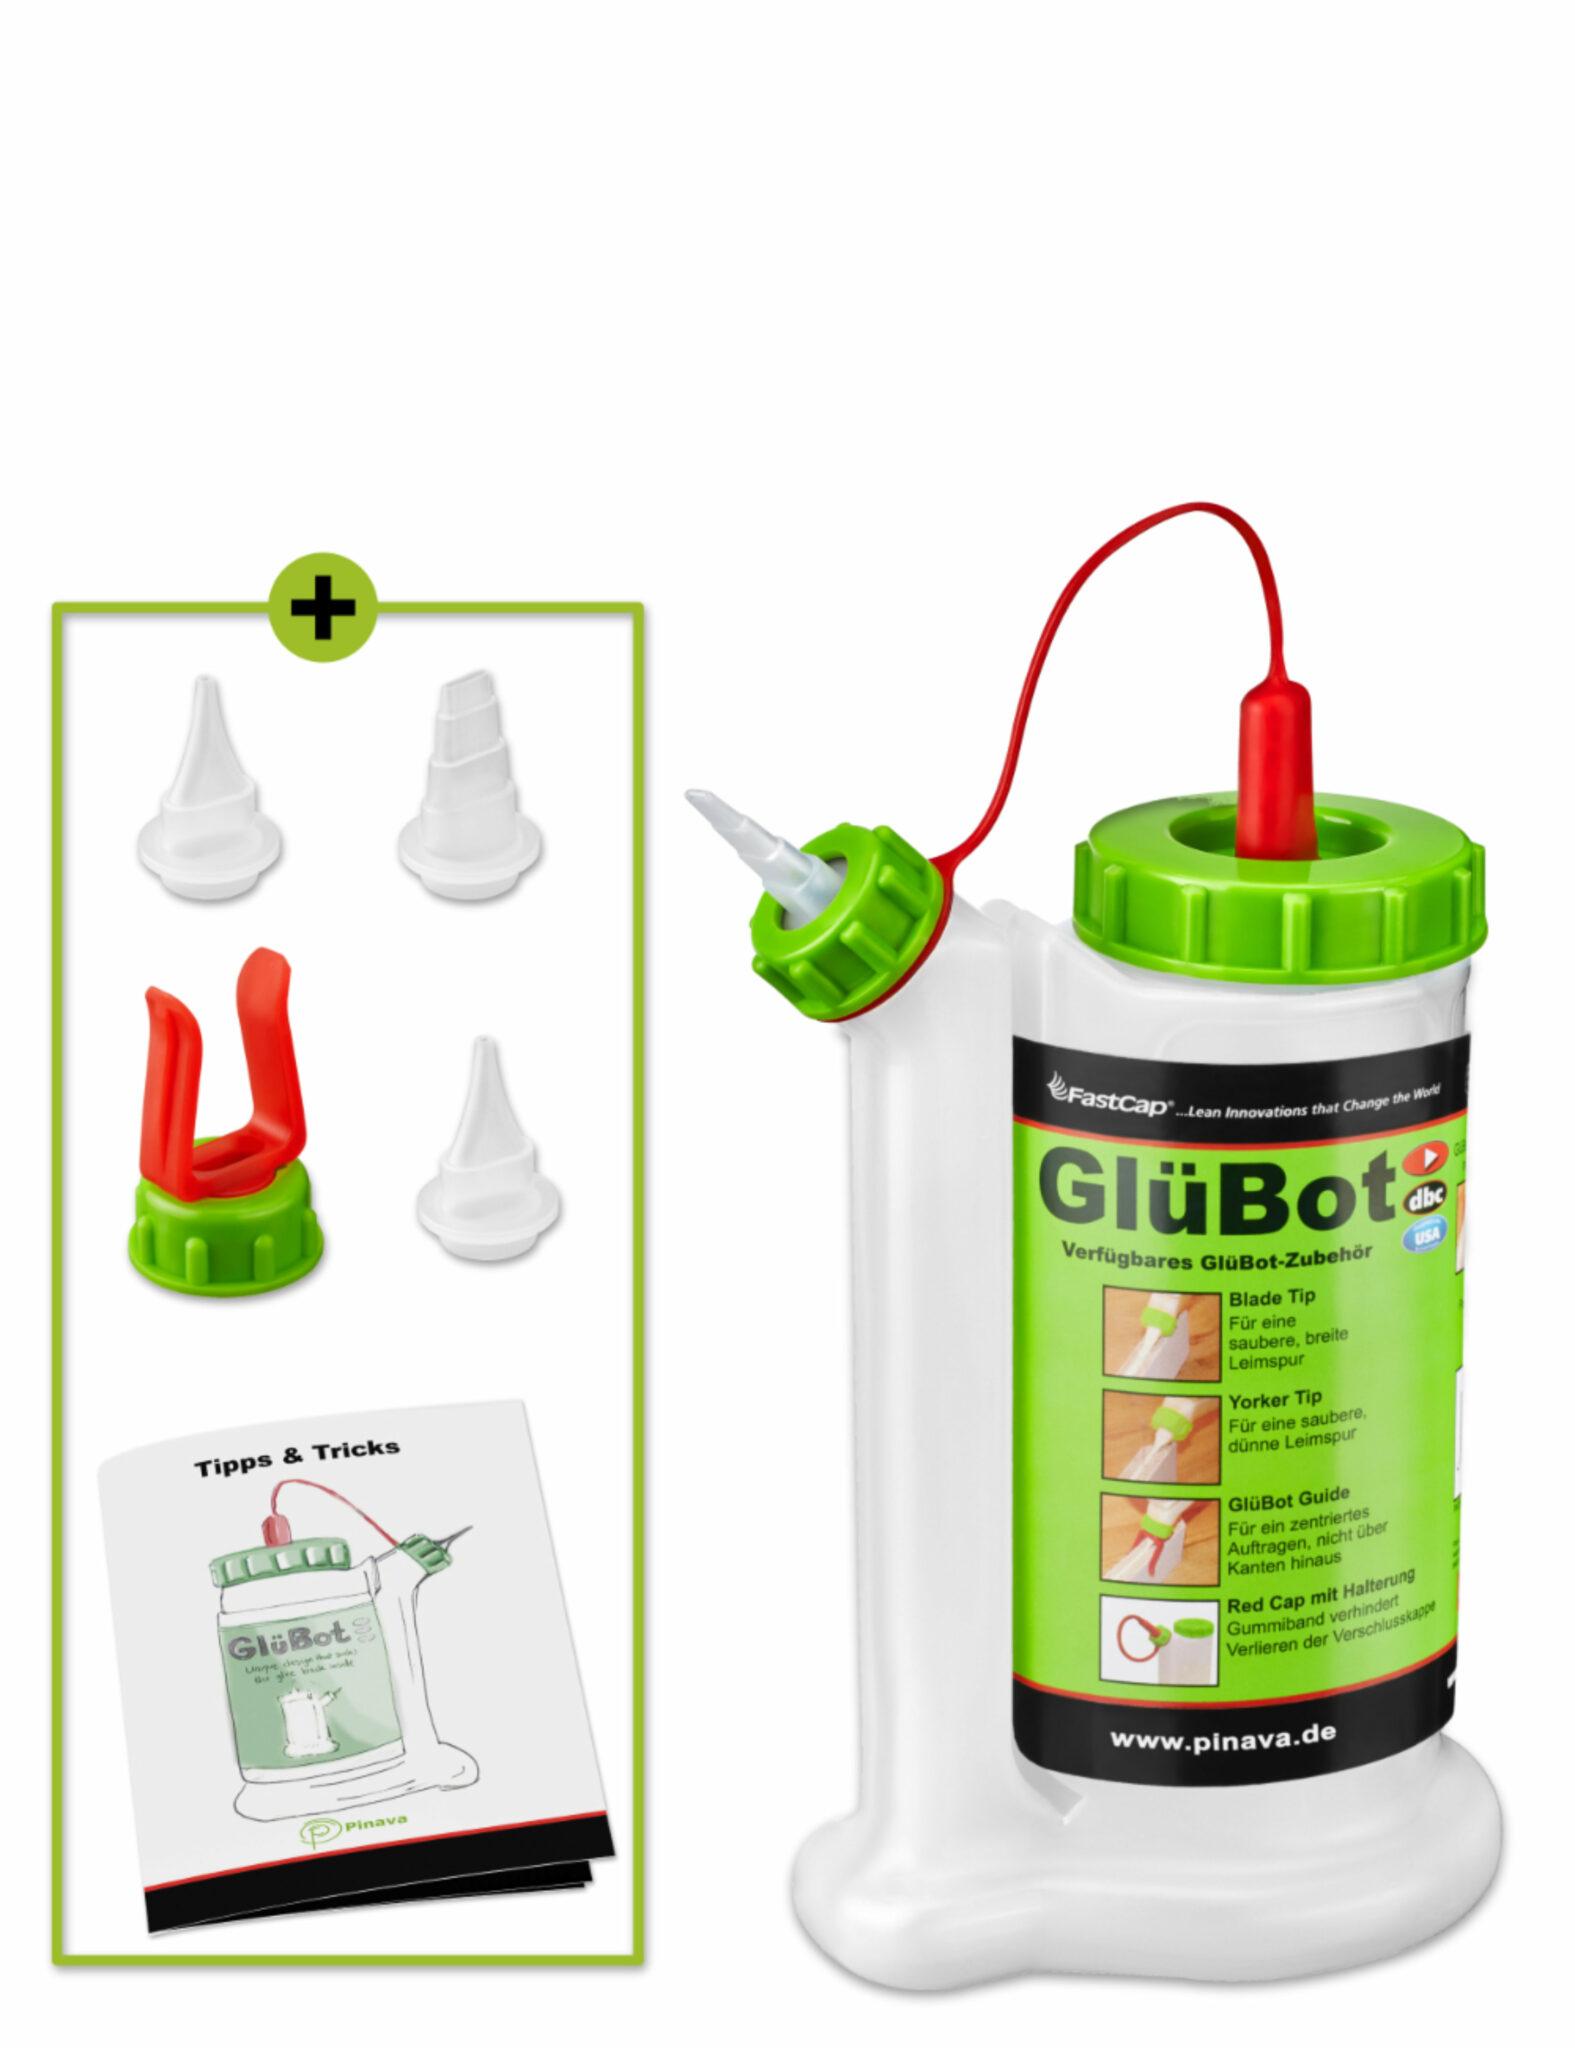 glubot glübot gluebot Leimflasche Leimspender für Holzleim